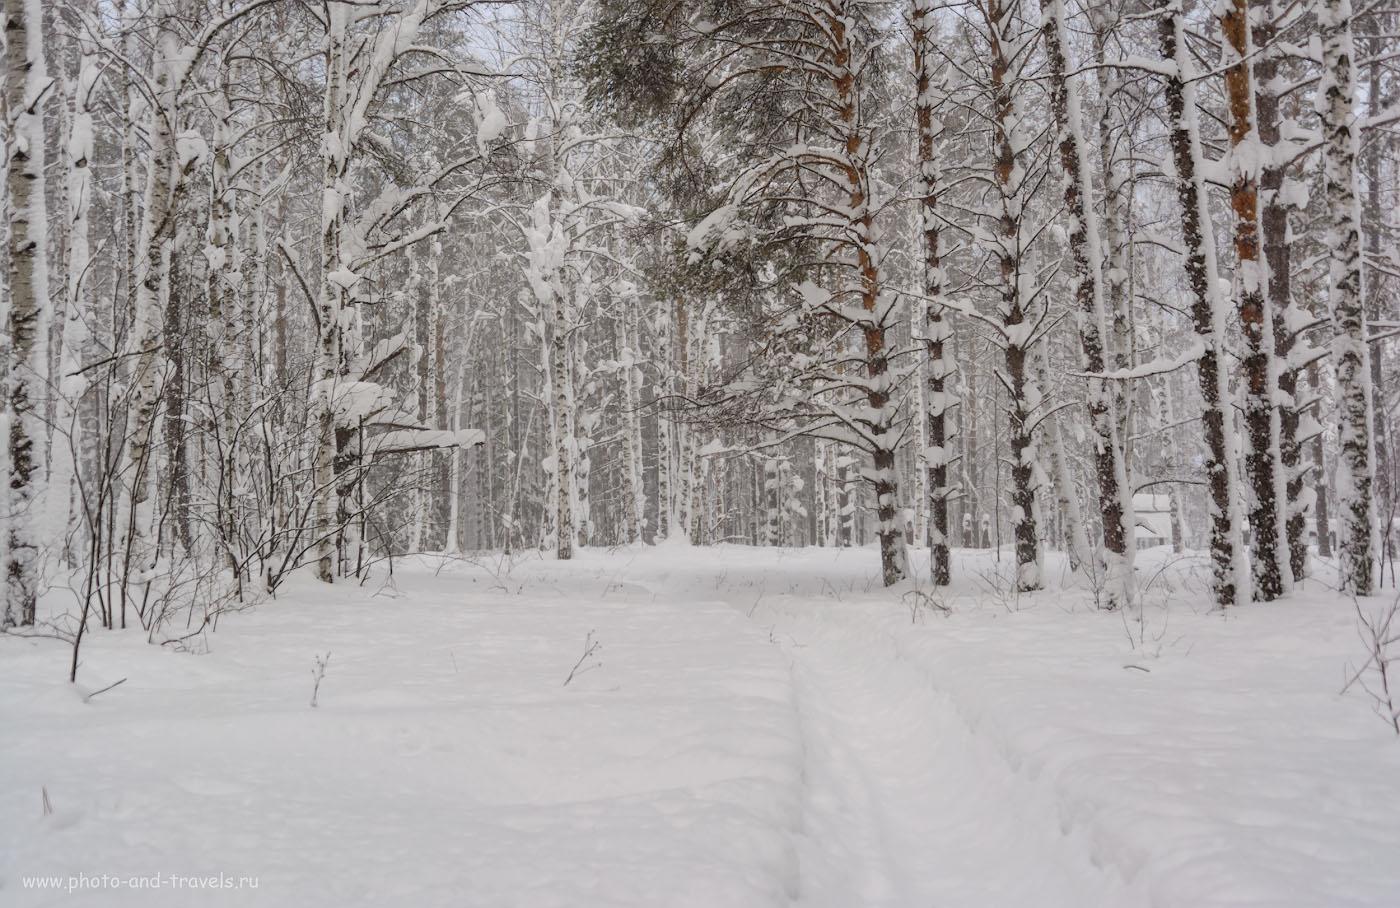 Снимок 25. Зимний пейзаж. Как не хватает этому снимку солнечных лучиков, пробивающихся сквозь заснеженные ветки! 1/200, +0.67, 2.8, 100, 26.